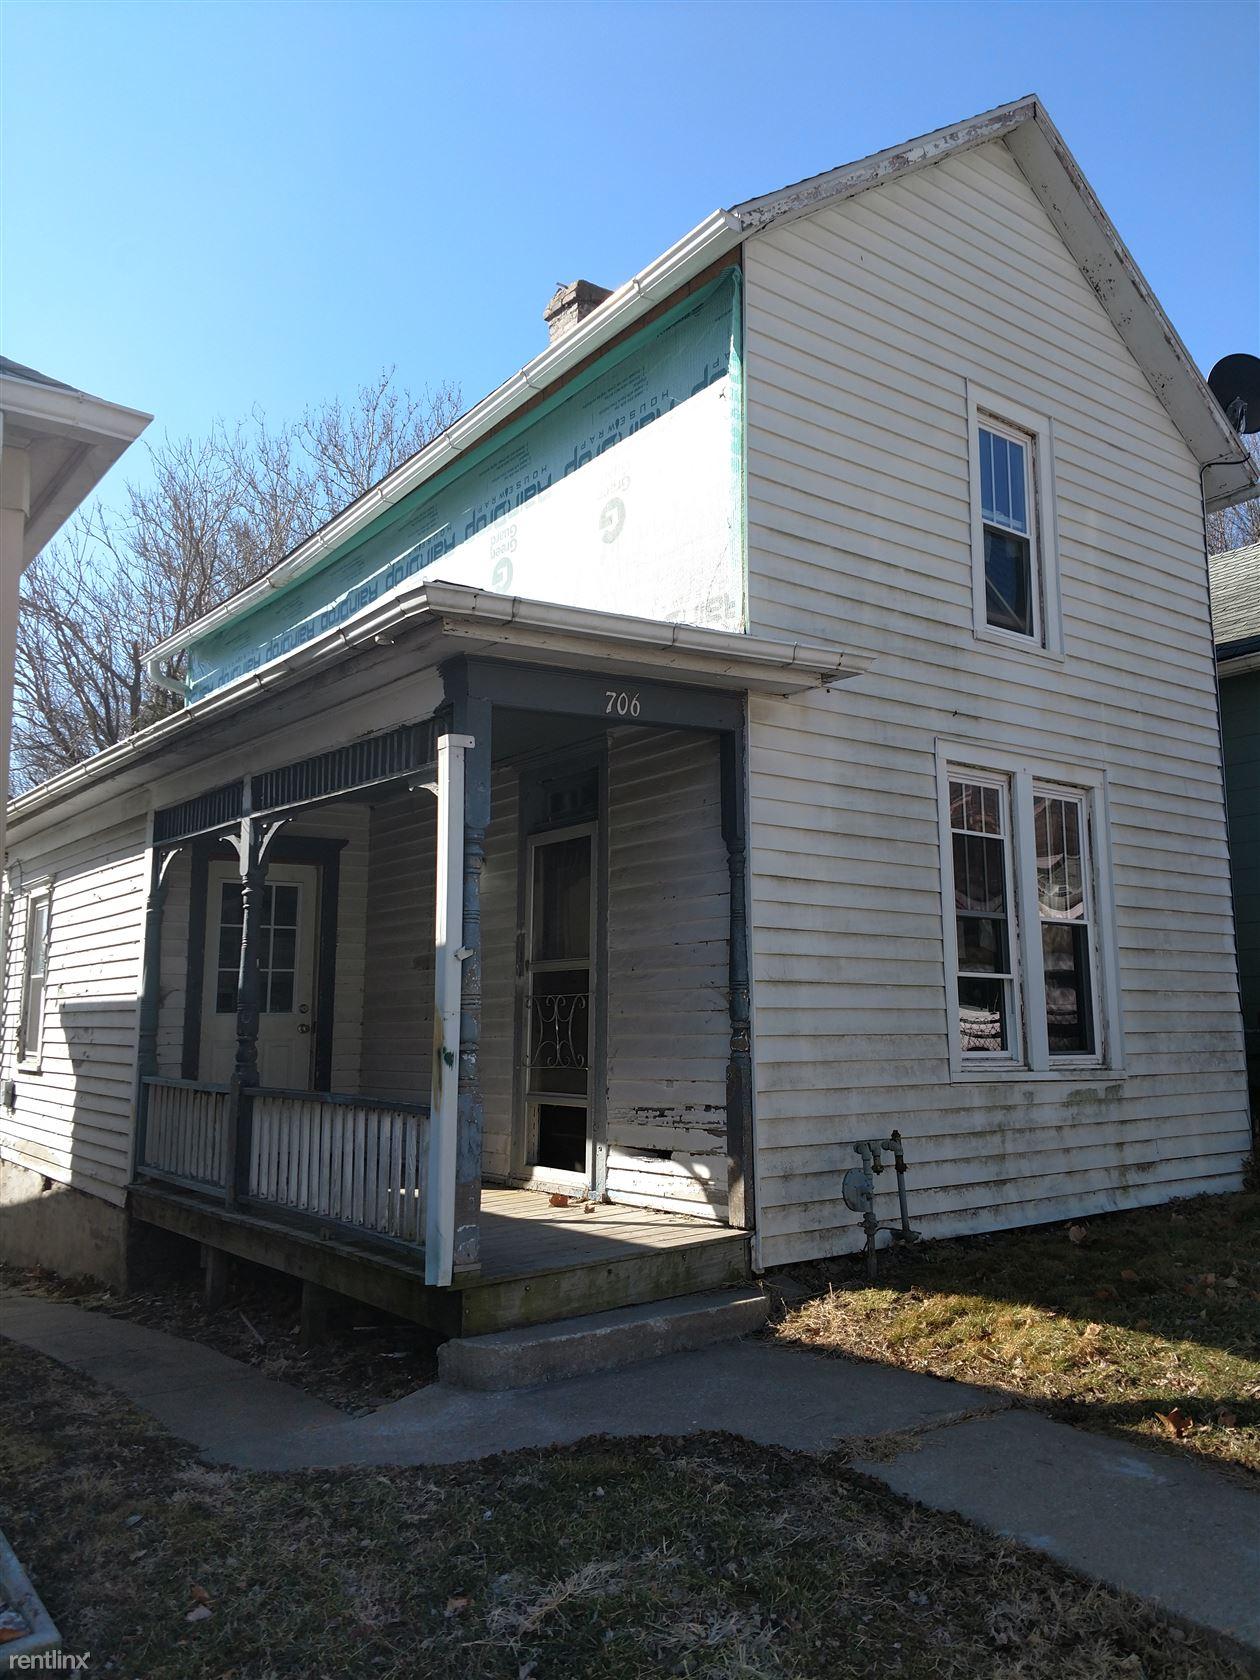 706 Concord St